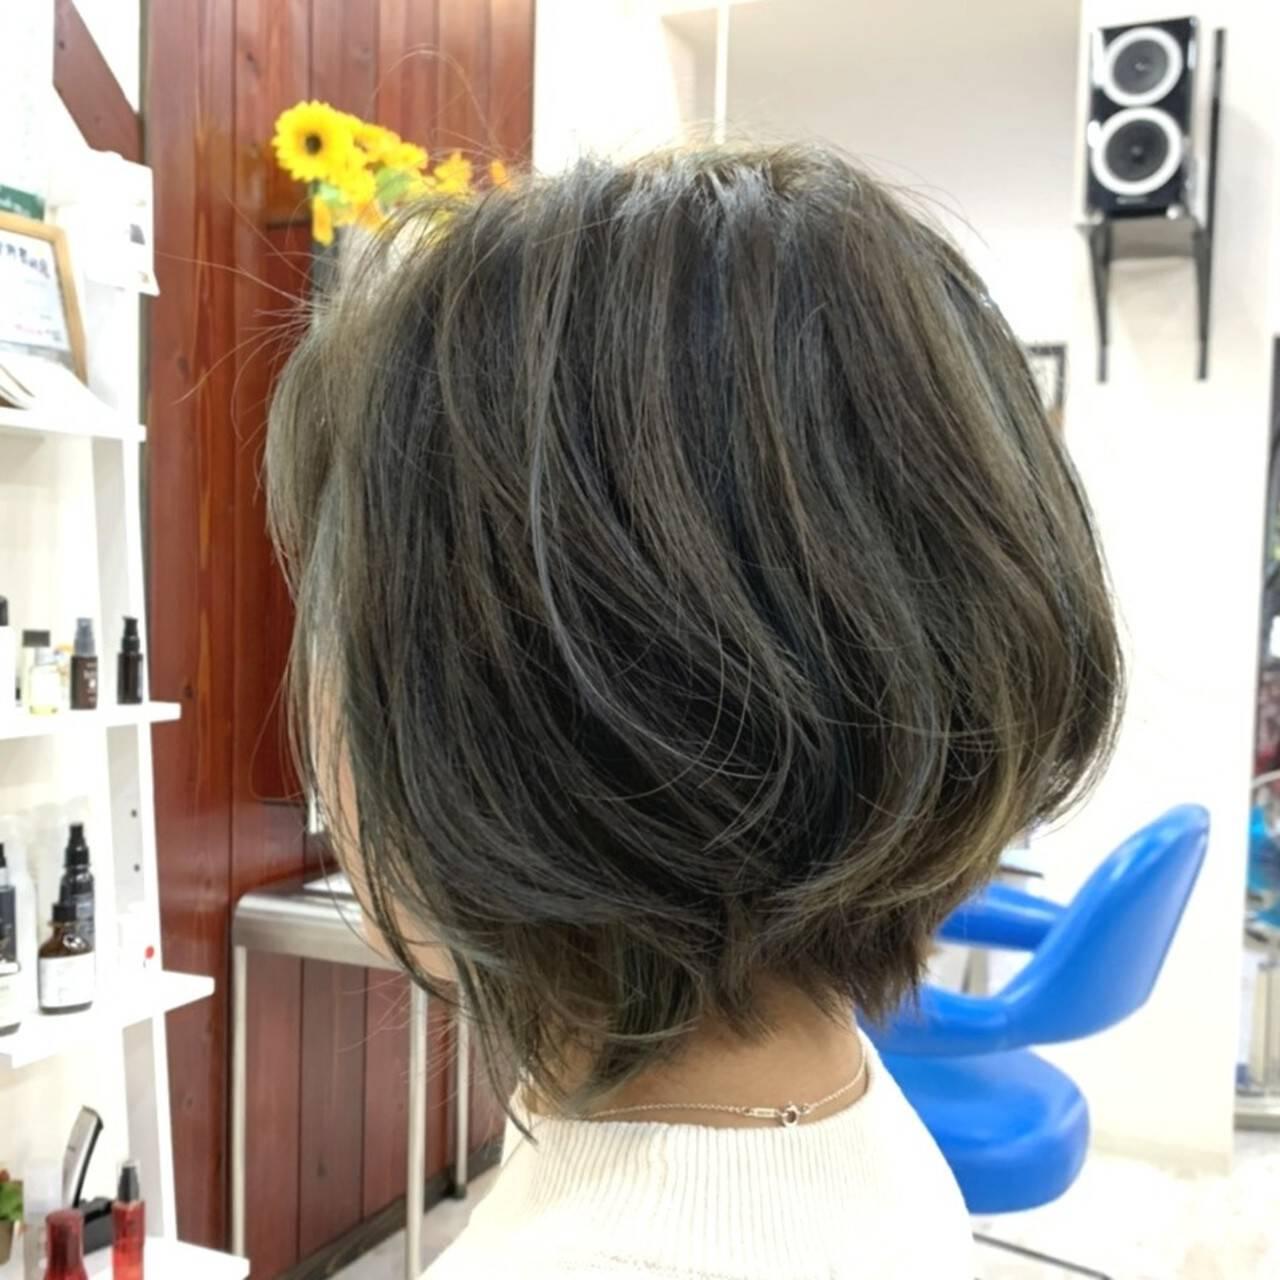 ショートヘア ショートボブ ショート ナチュラルヘアスタイルや髪型の写真・画像